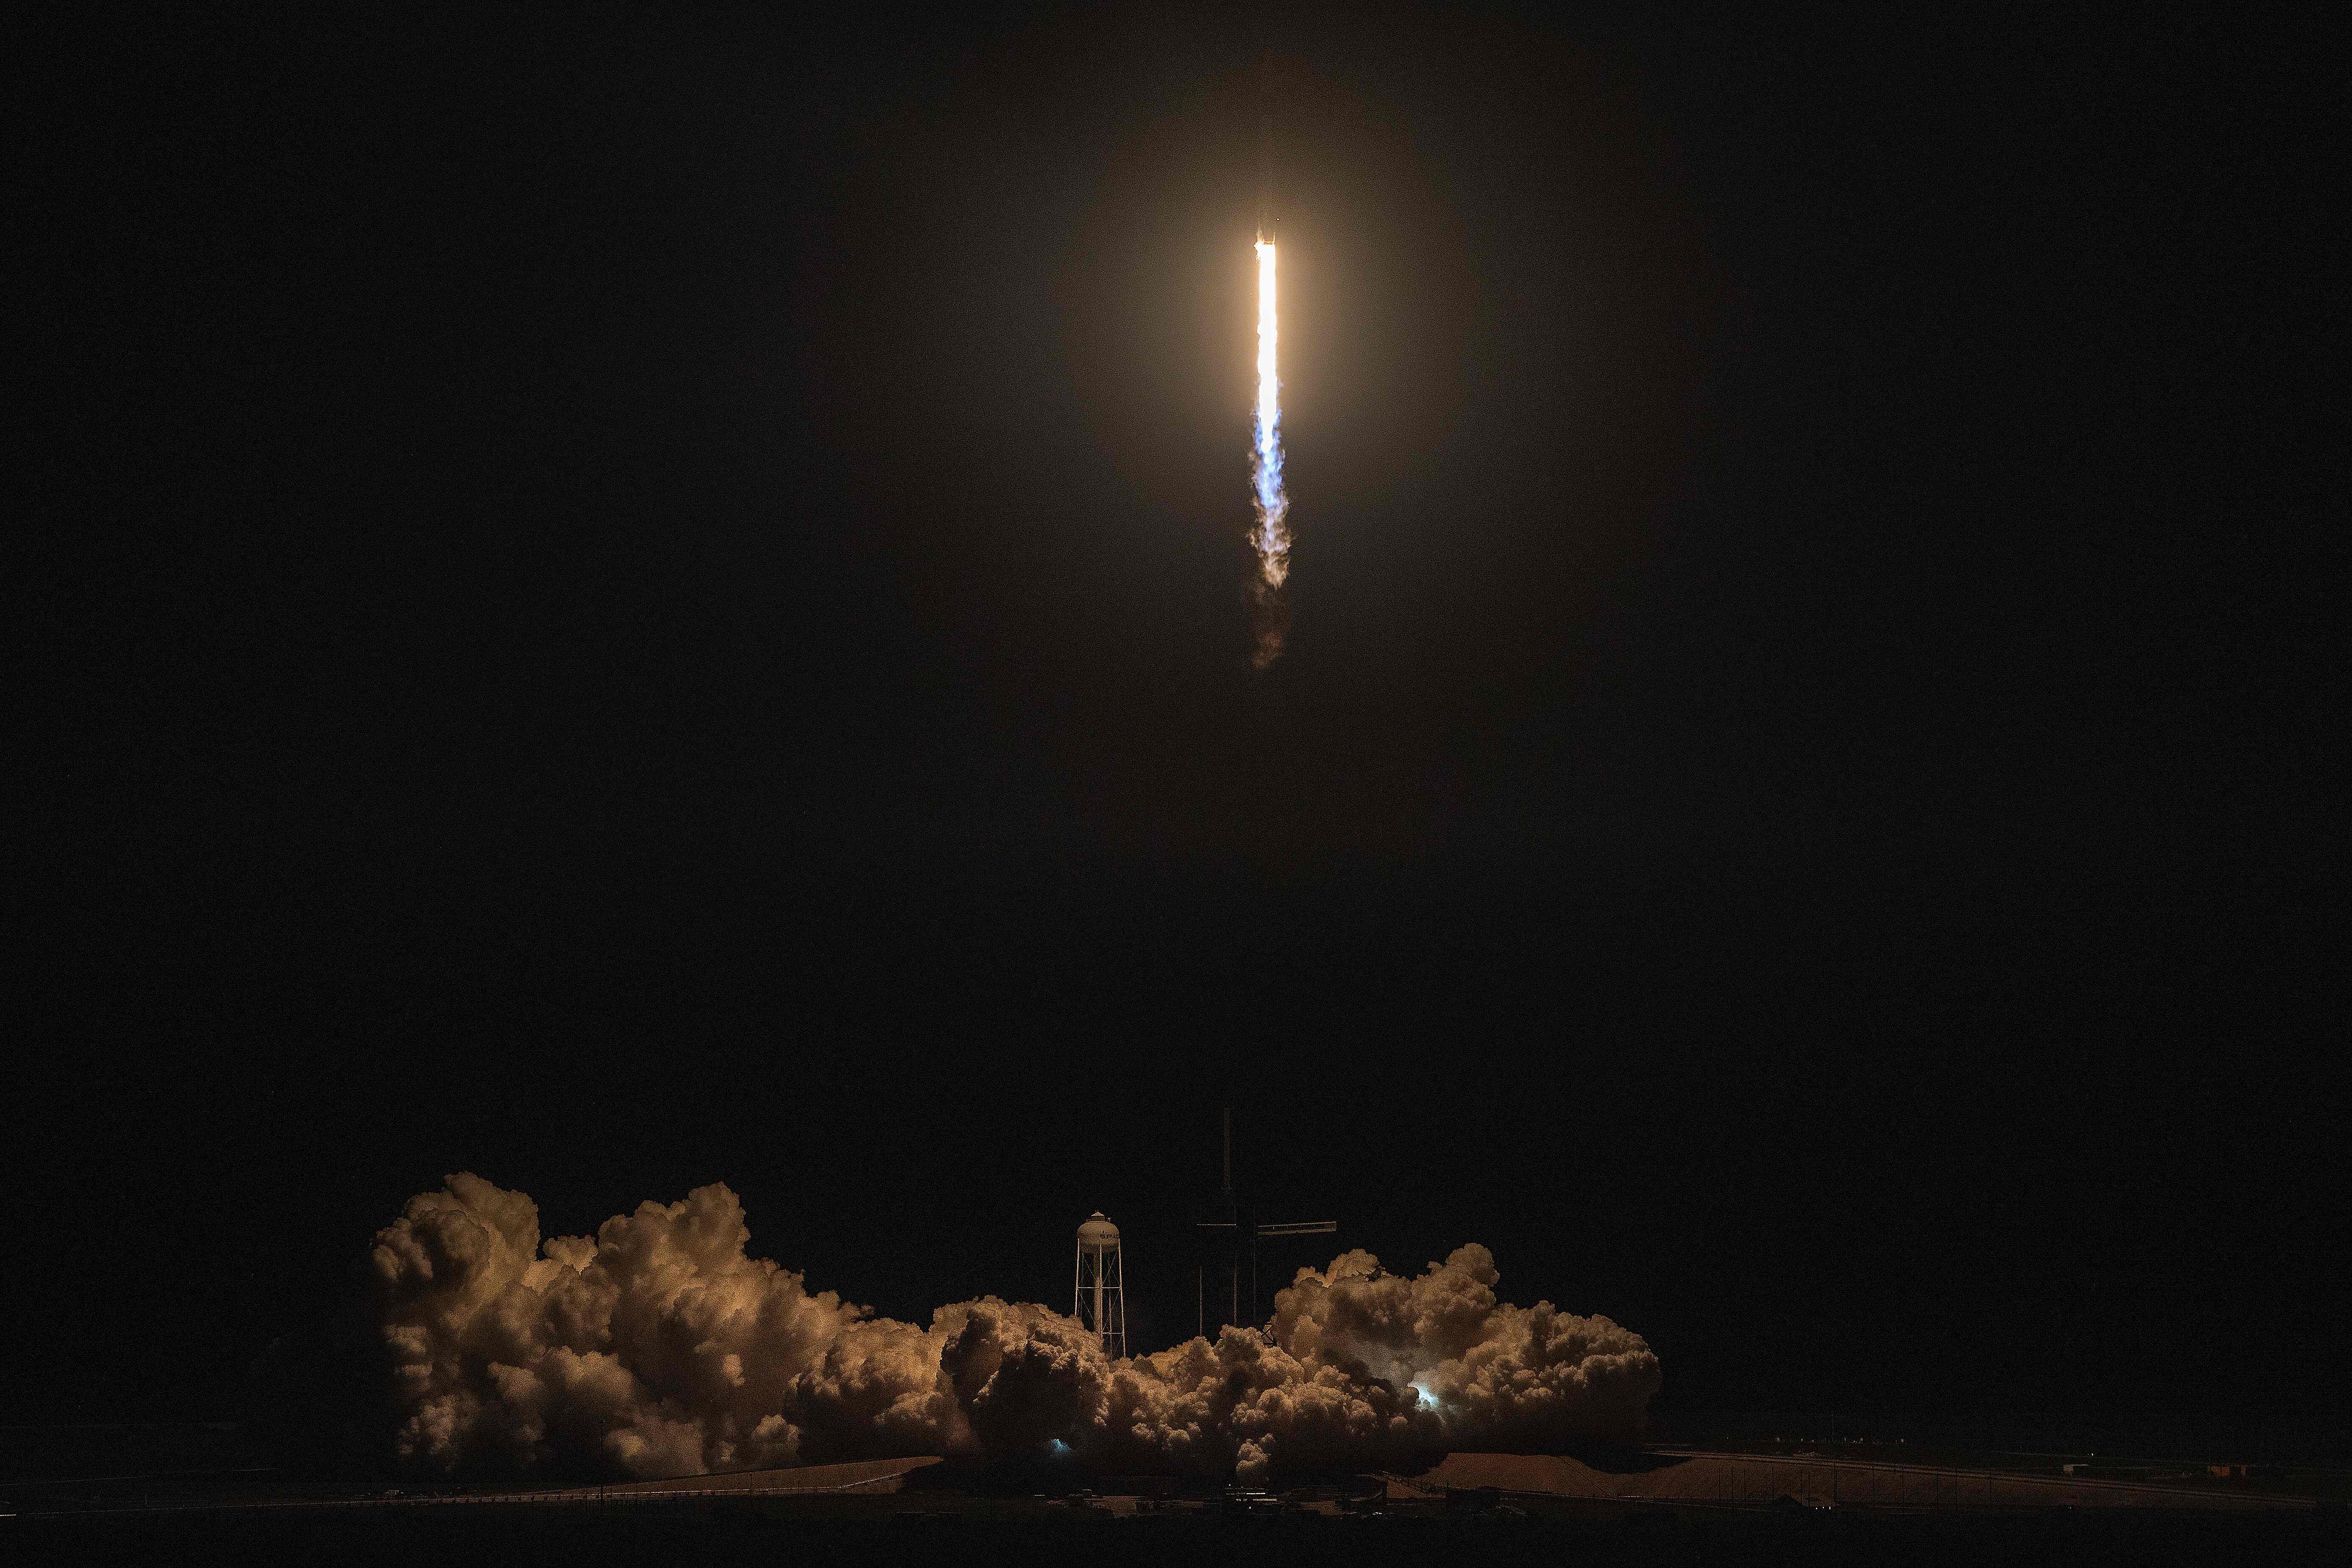 El cohete SpaceX Falcon 9 con la nave espacial Crew Dragon a bordo de la compañía despega durante la misión Demo-1, en el Centro Espacial Kennedy en Florida, EE. UU. (Foto Prensa Libre: AFP)